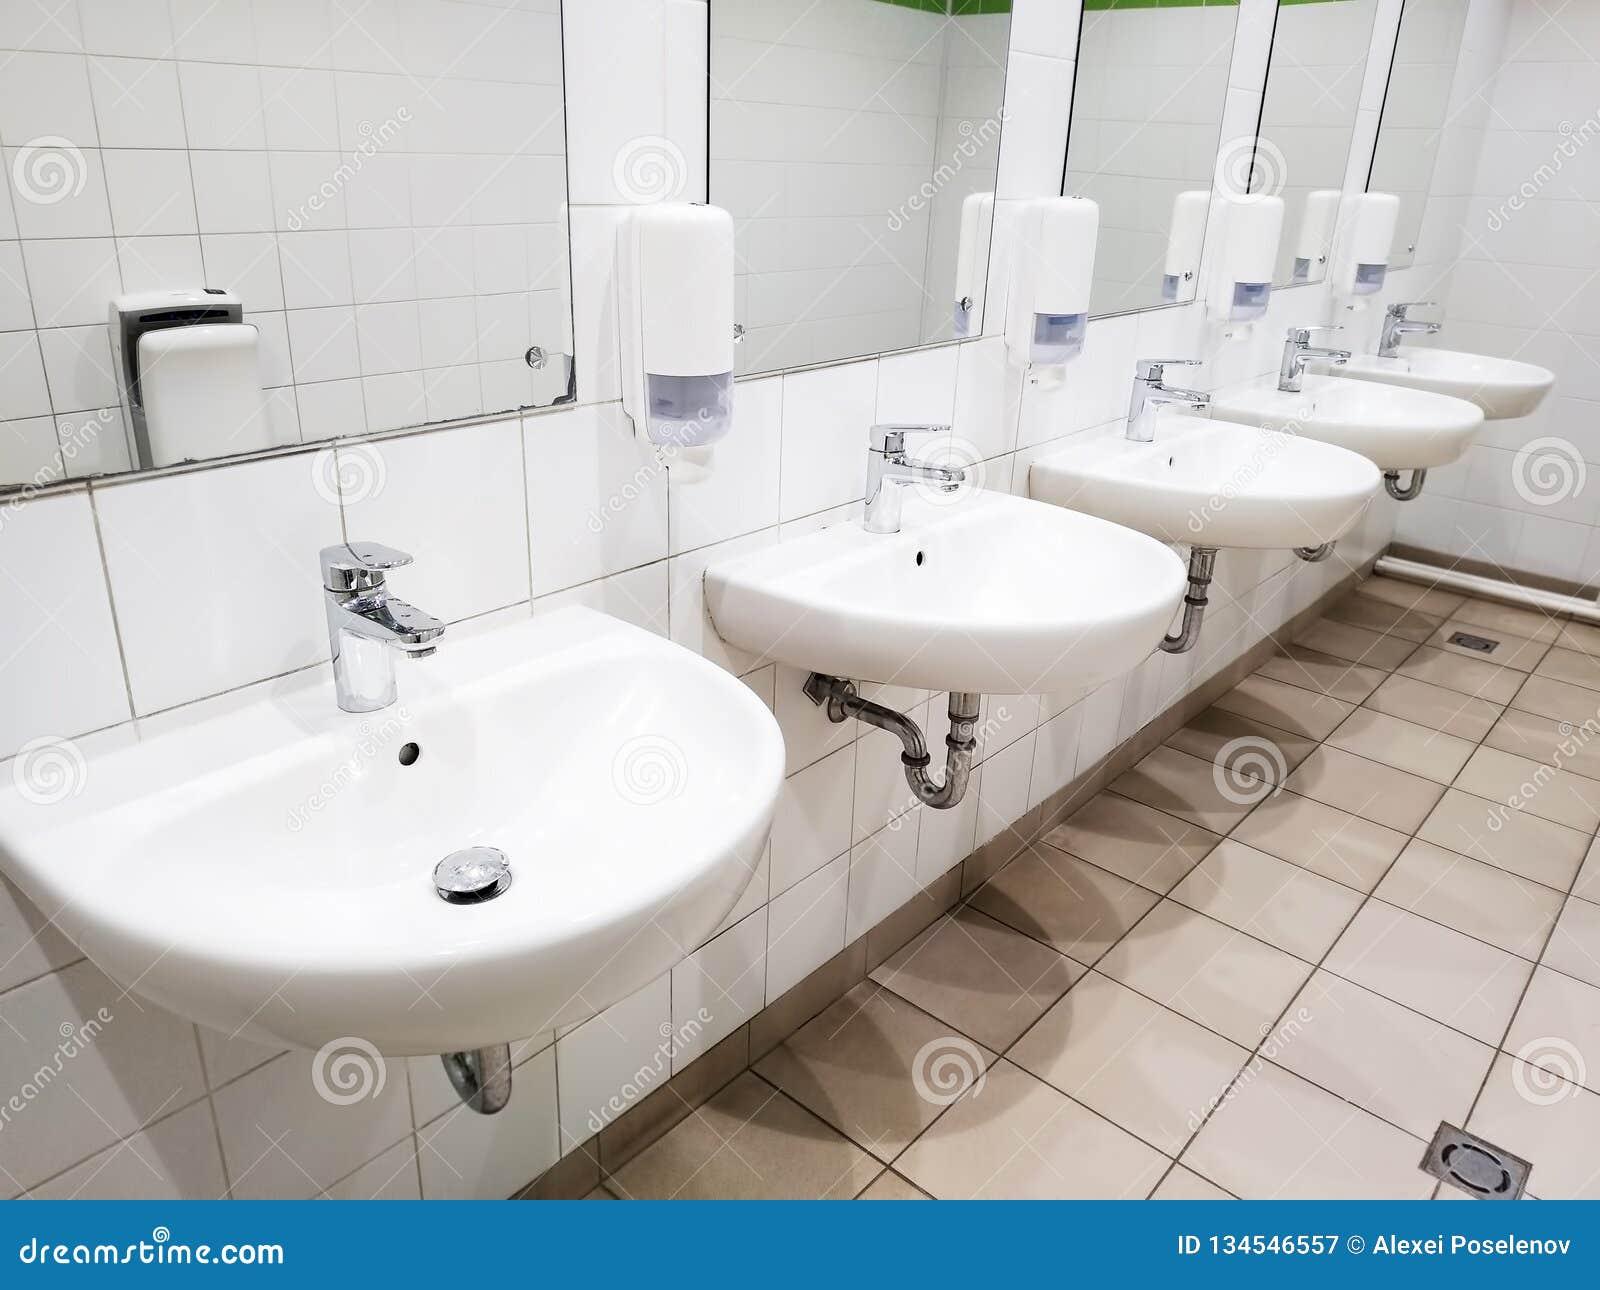 Molti bacini lavare con gli specchi sulla parete in una toilette pubblica